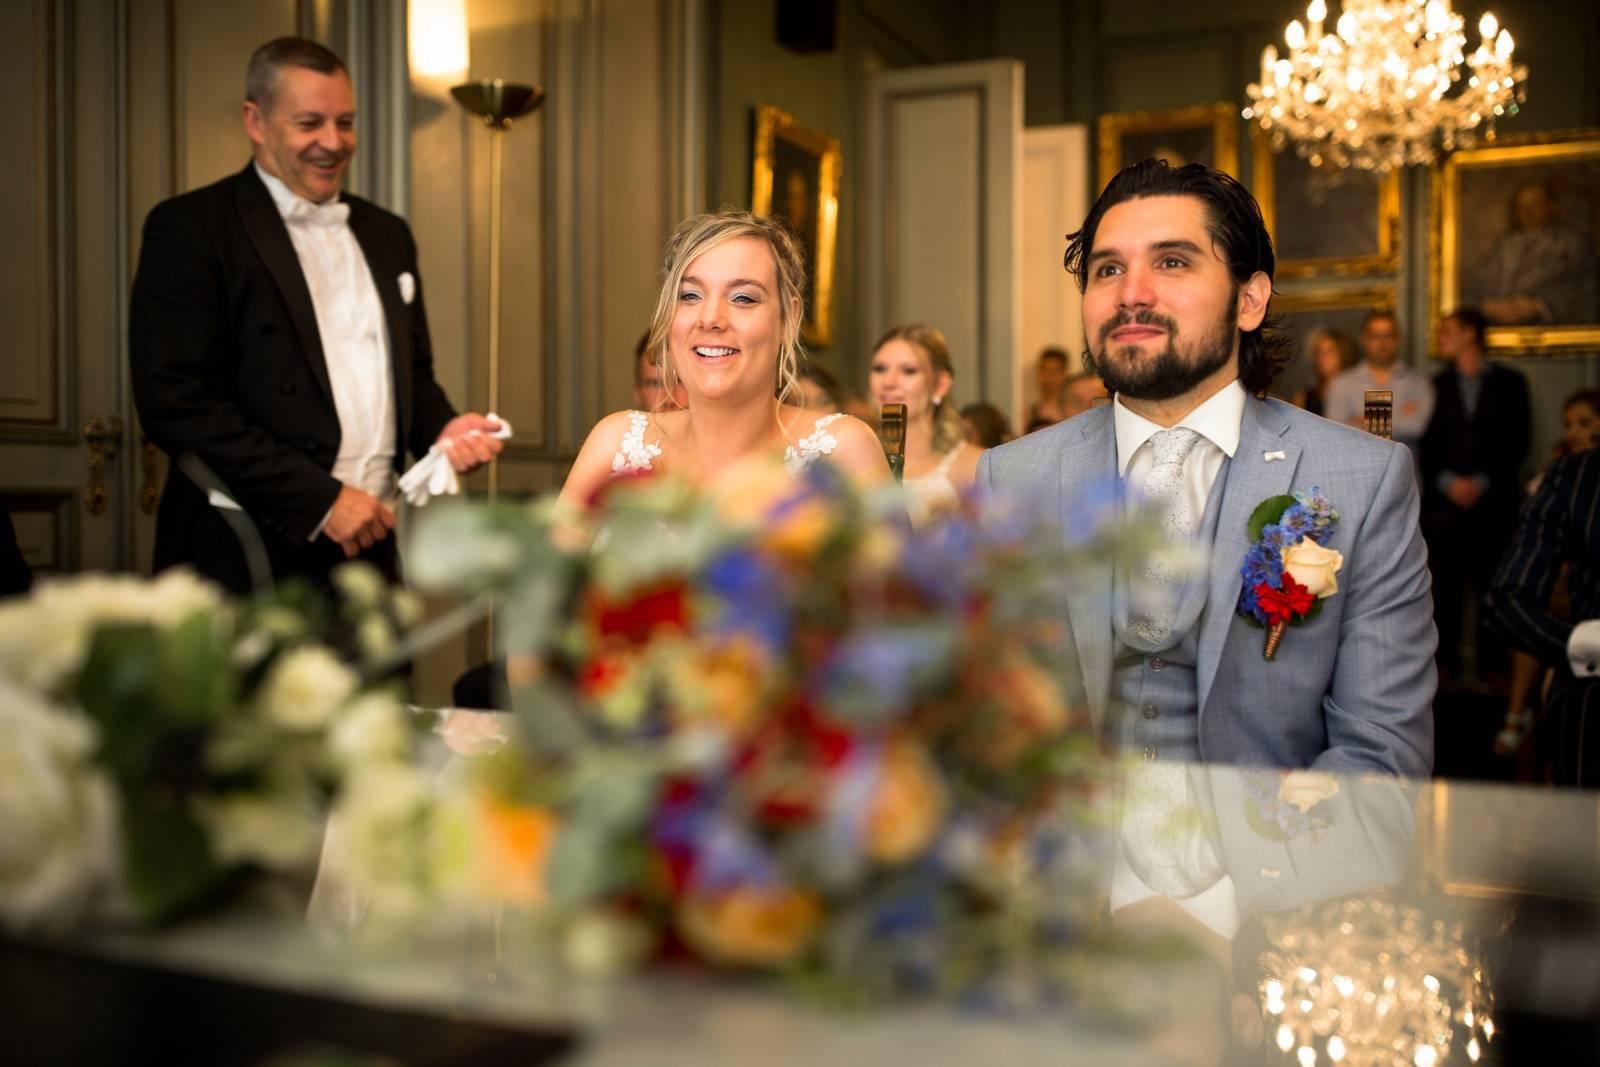 Youniekmemories - Ceremoniemeester - House of Weddings - 11